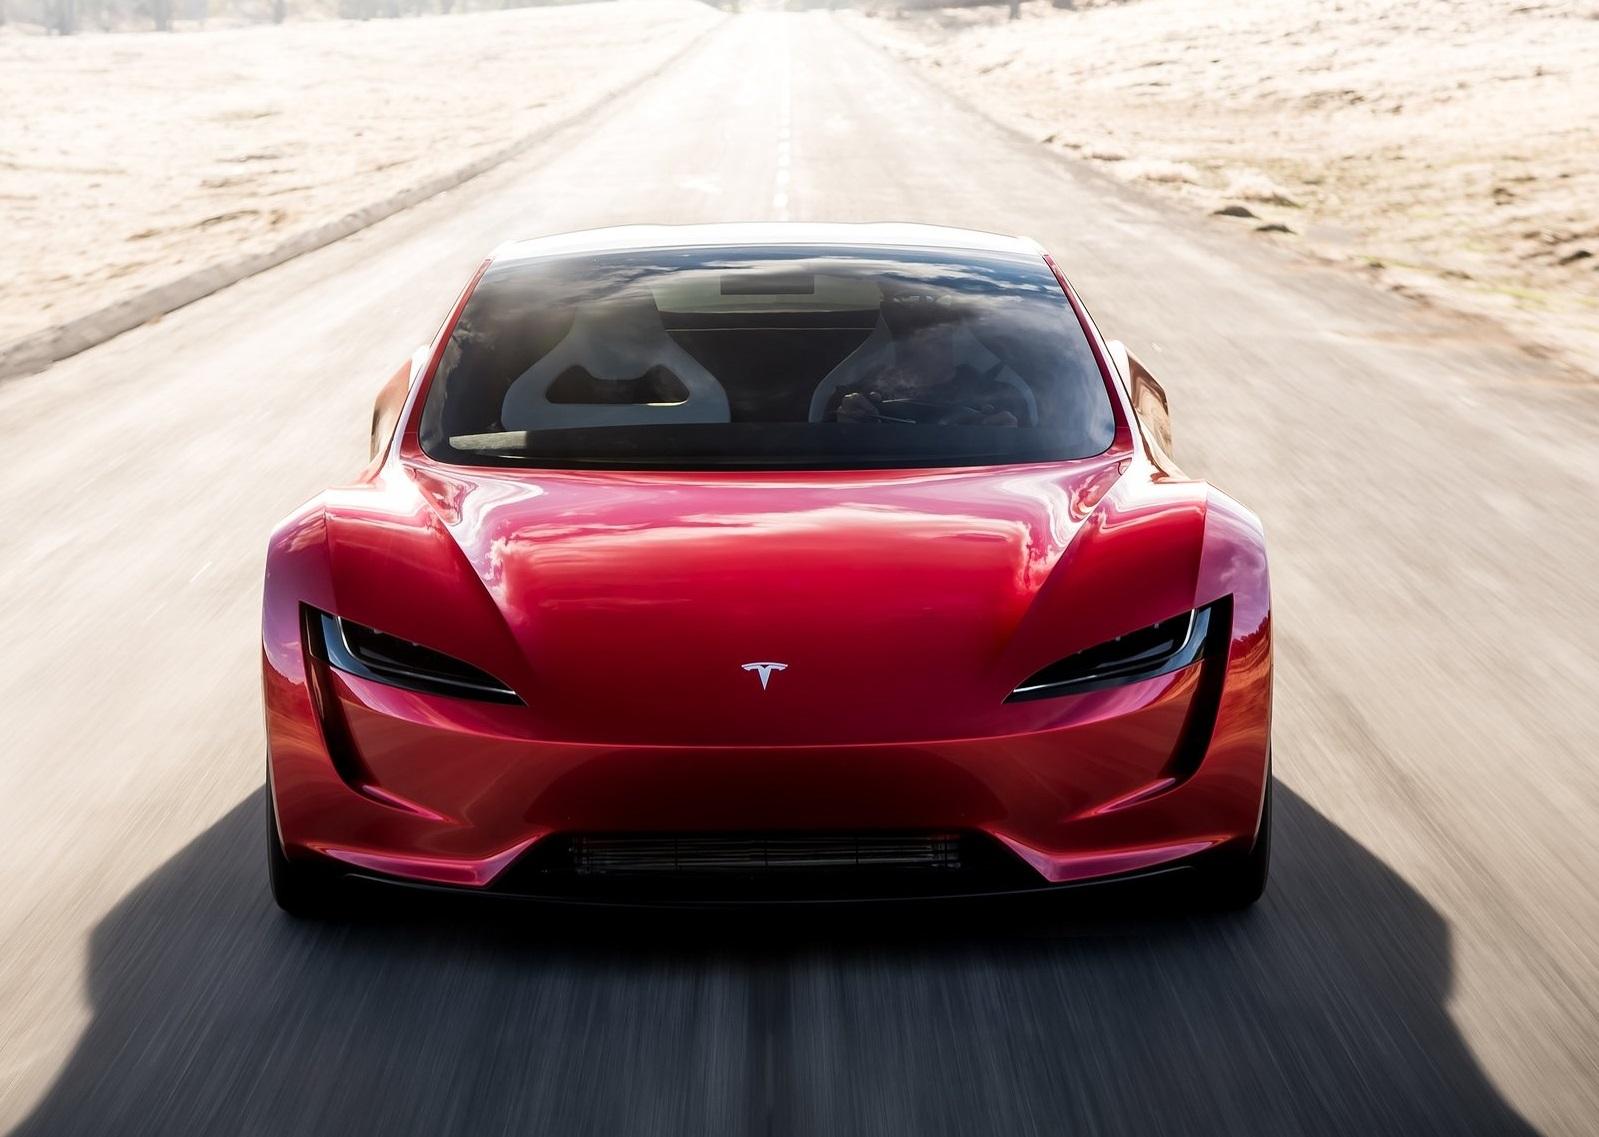 ΗΠΑ: Έρευνα για 27 τροχαία που ενεπλάκησαν μοντέλα της Tesla